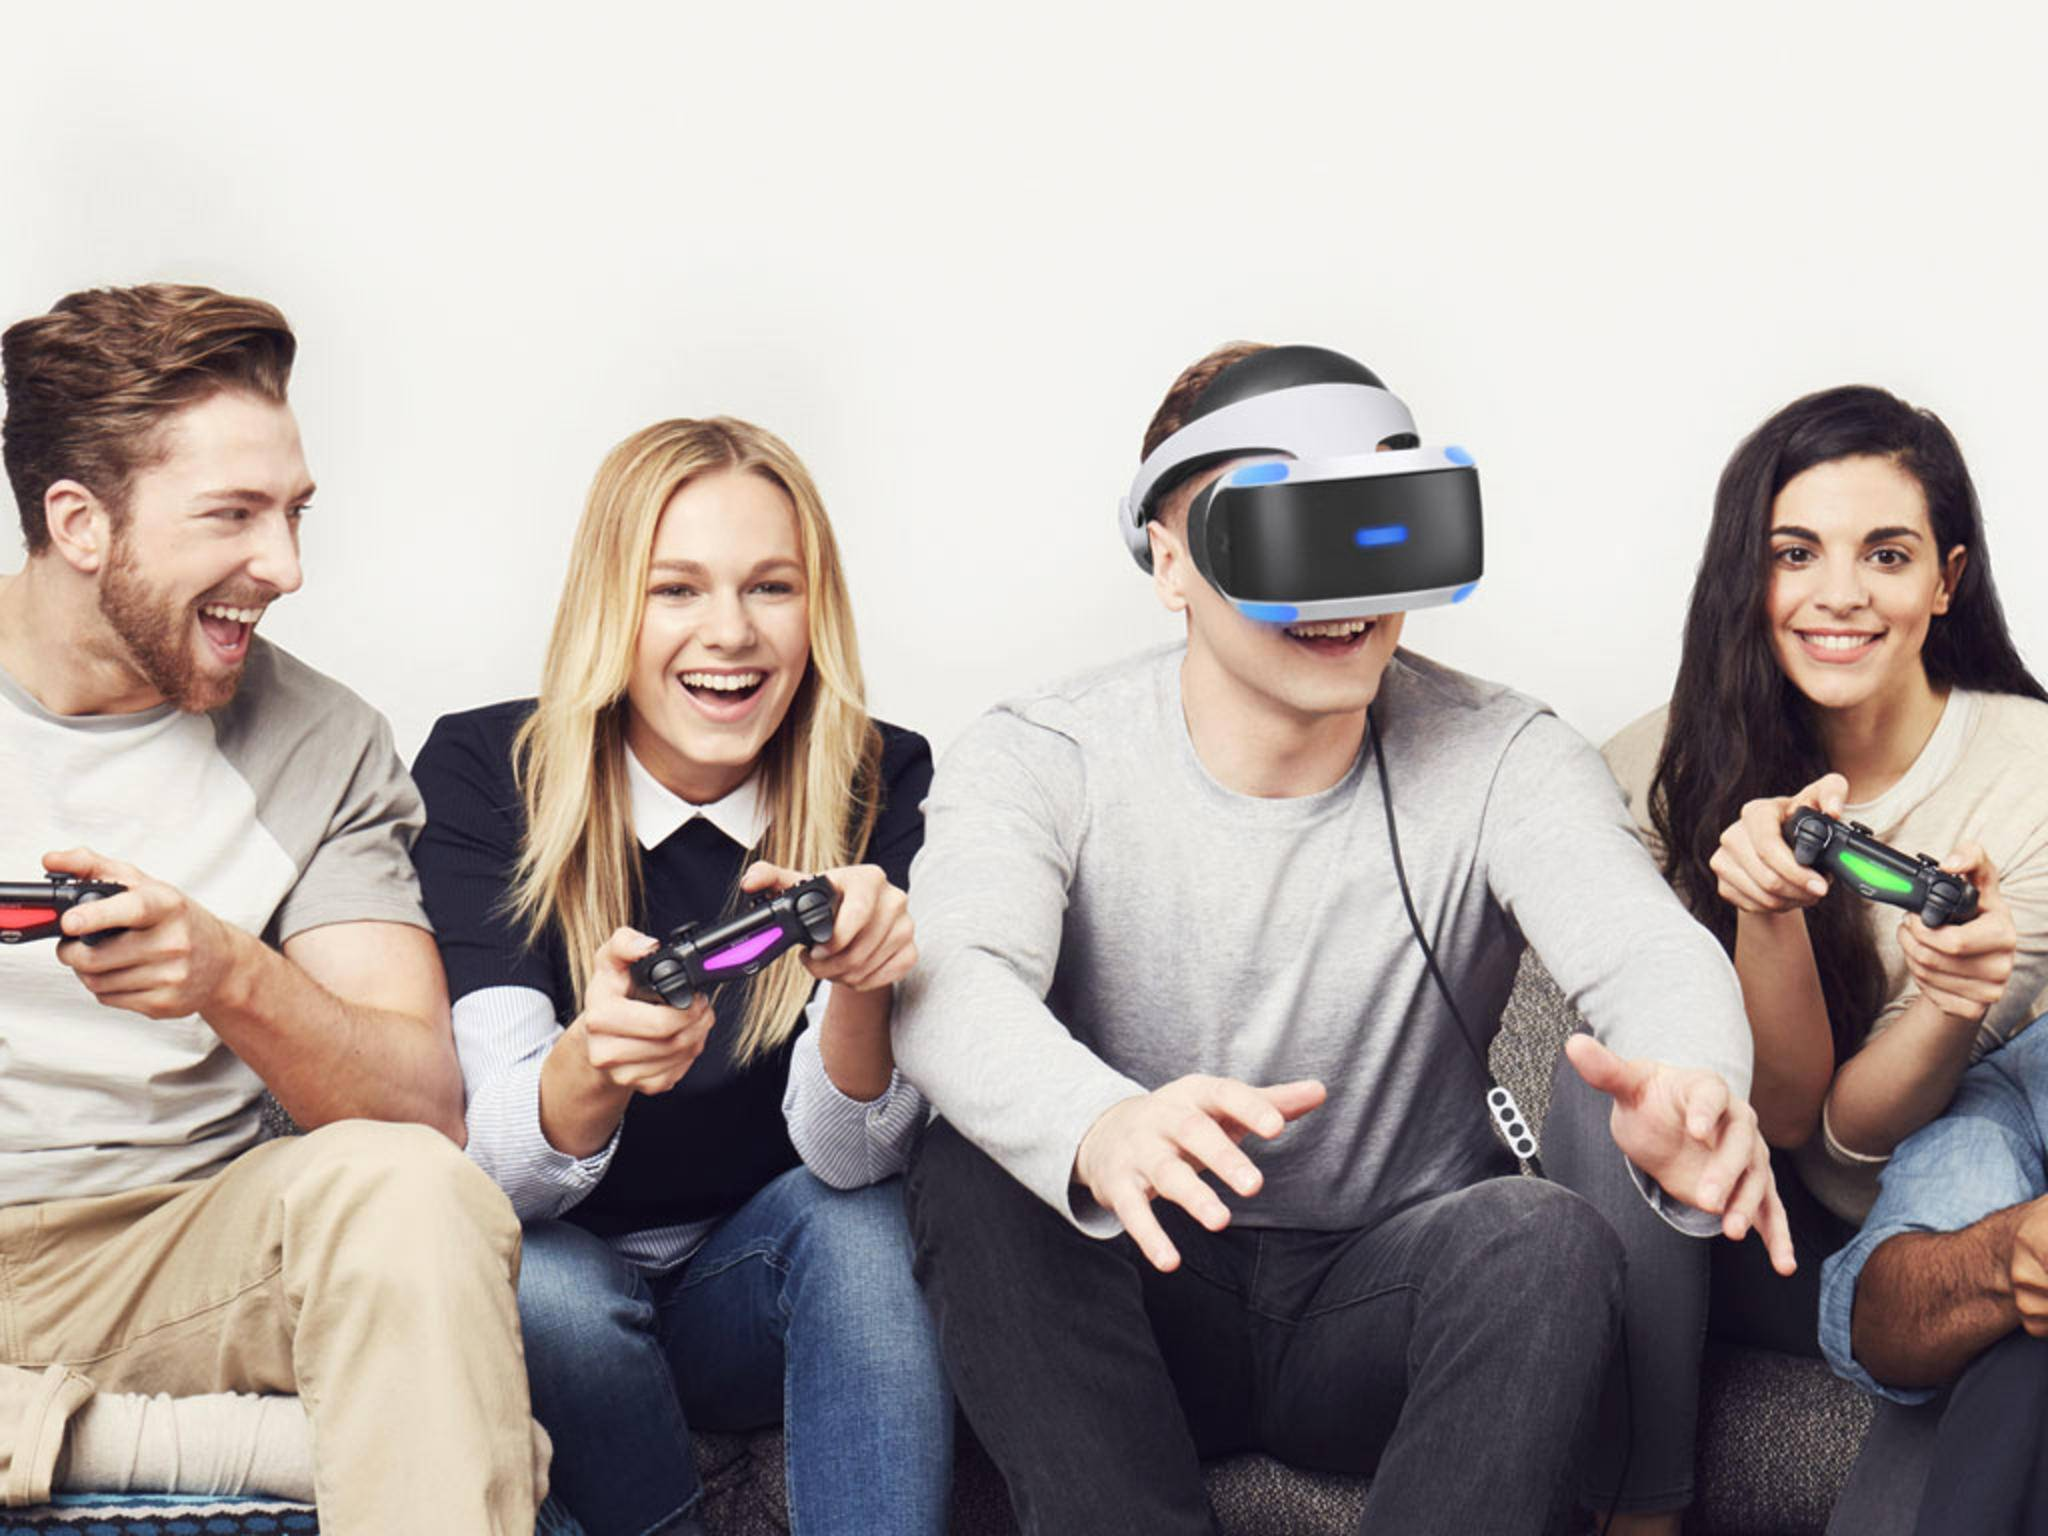 Am 12. Oktober soll der Startschuss für die PlayStation VR fallen.